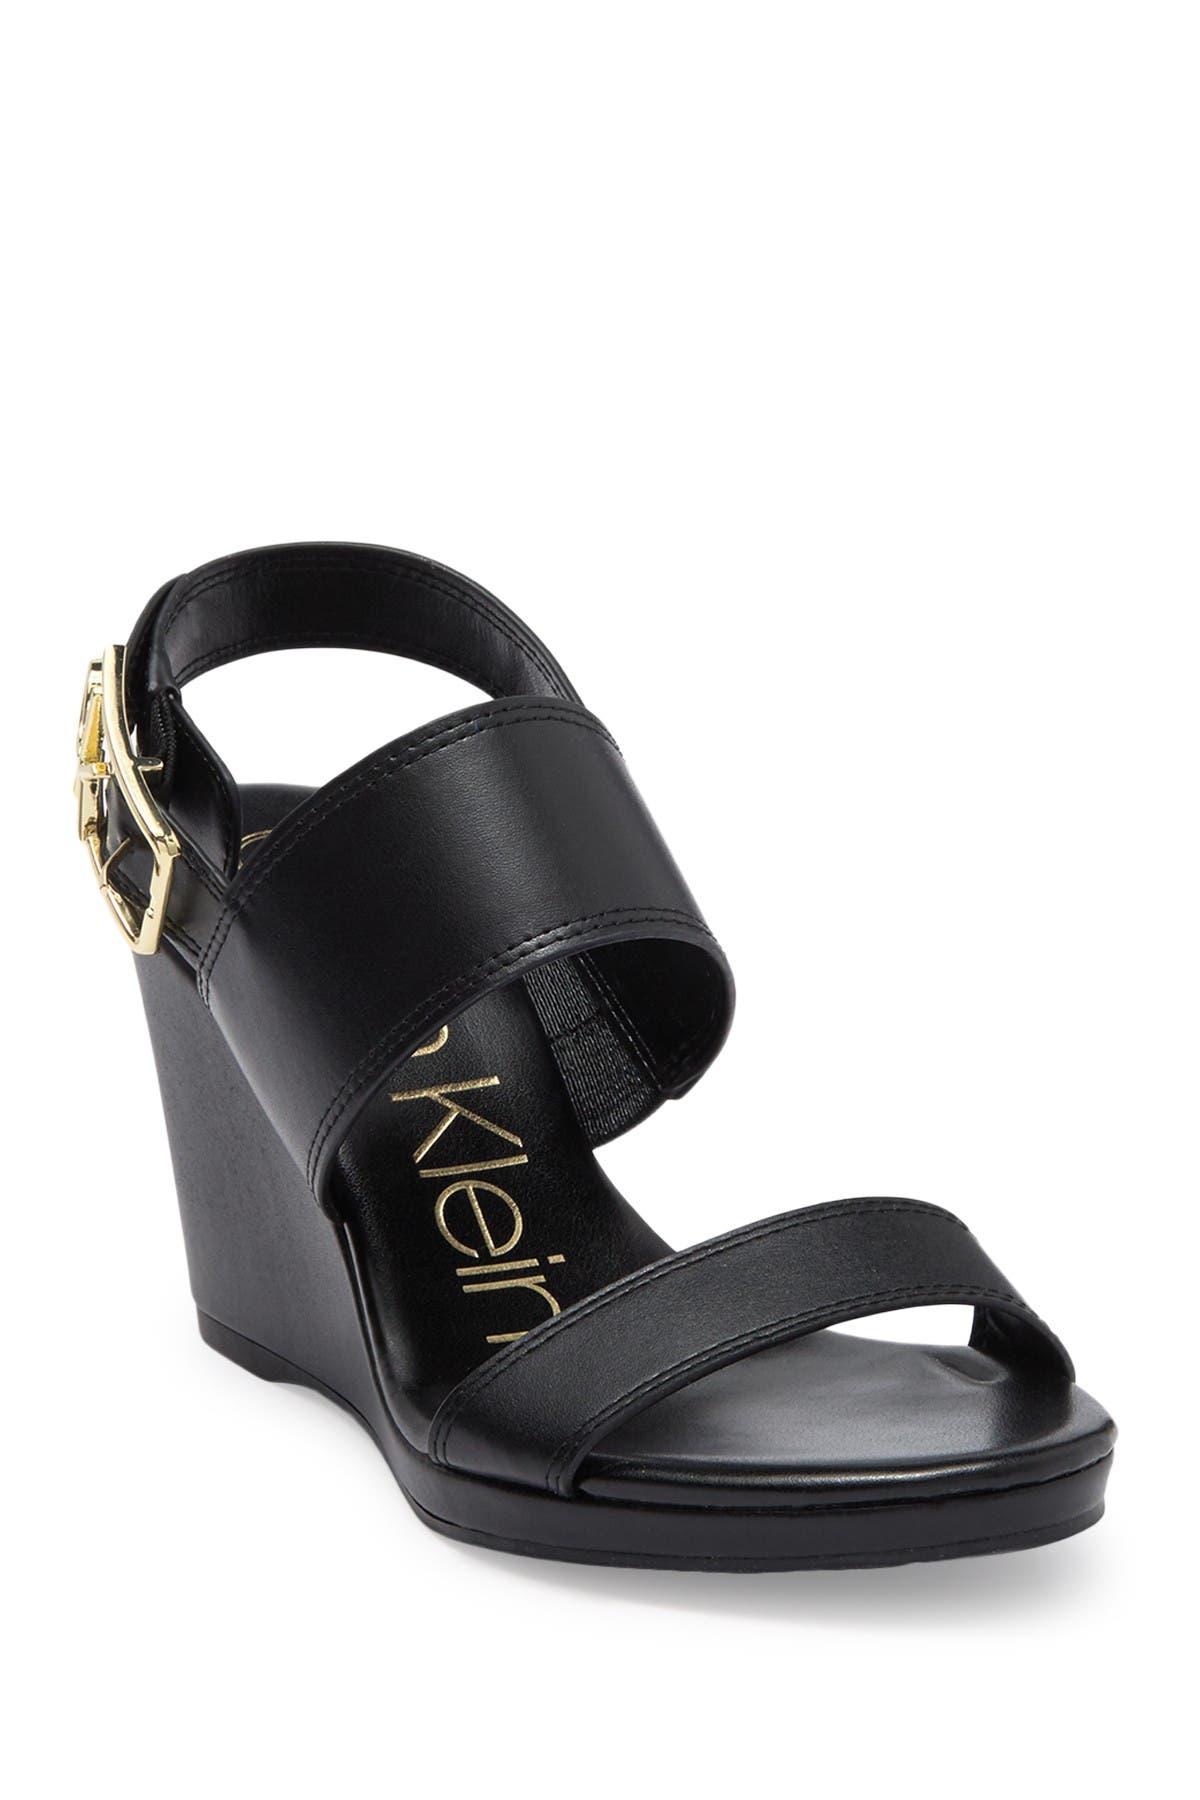 Calvin Klein High heels BELLE WEDGE SANDAL